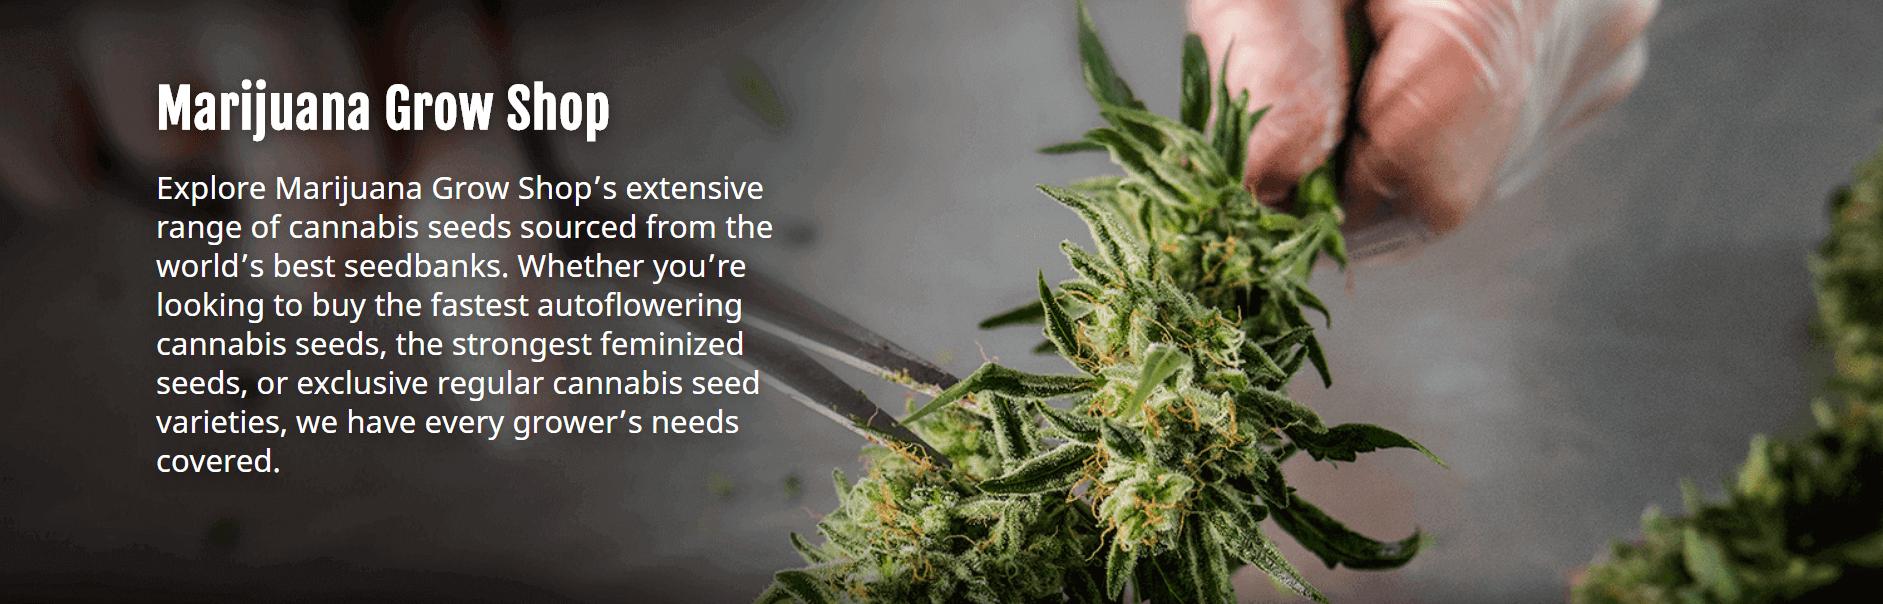 Marijuana Grow Shop Seeds Coupons Info